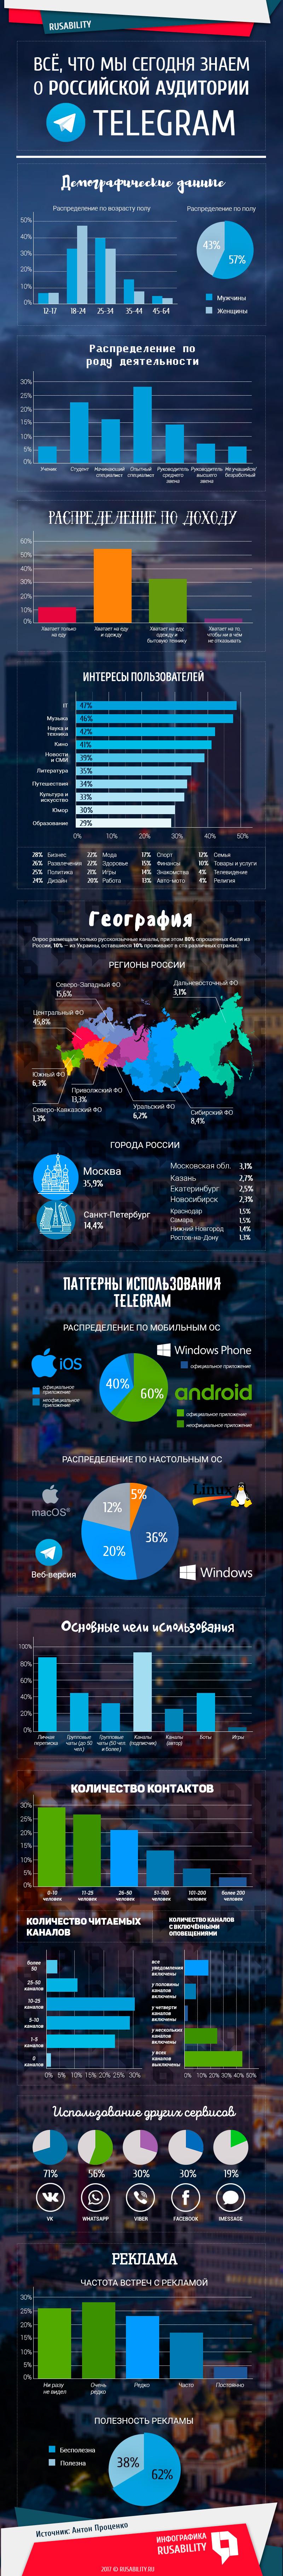 Российская аудитория пользователей ТГ